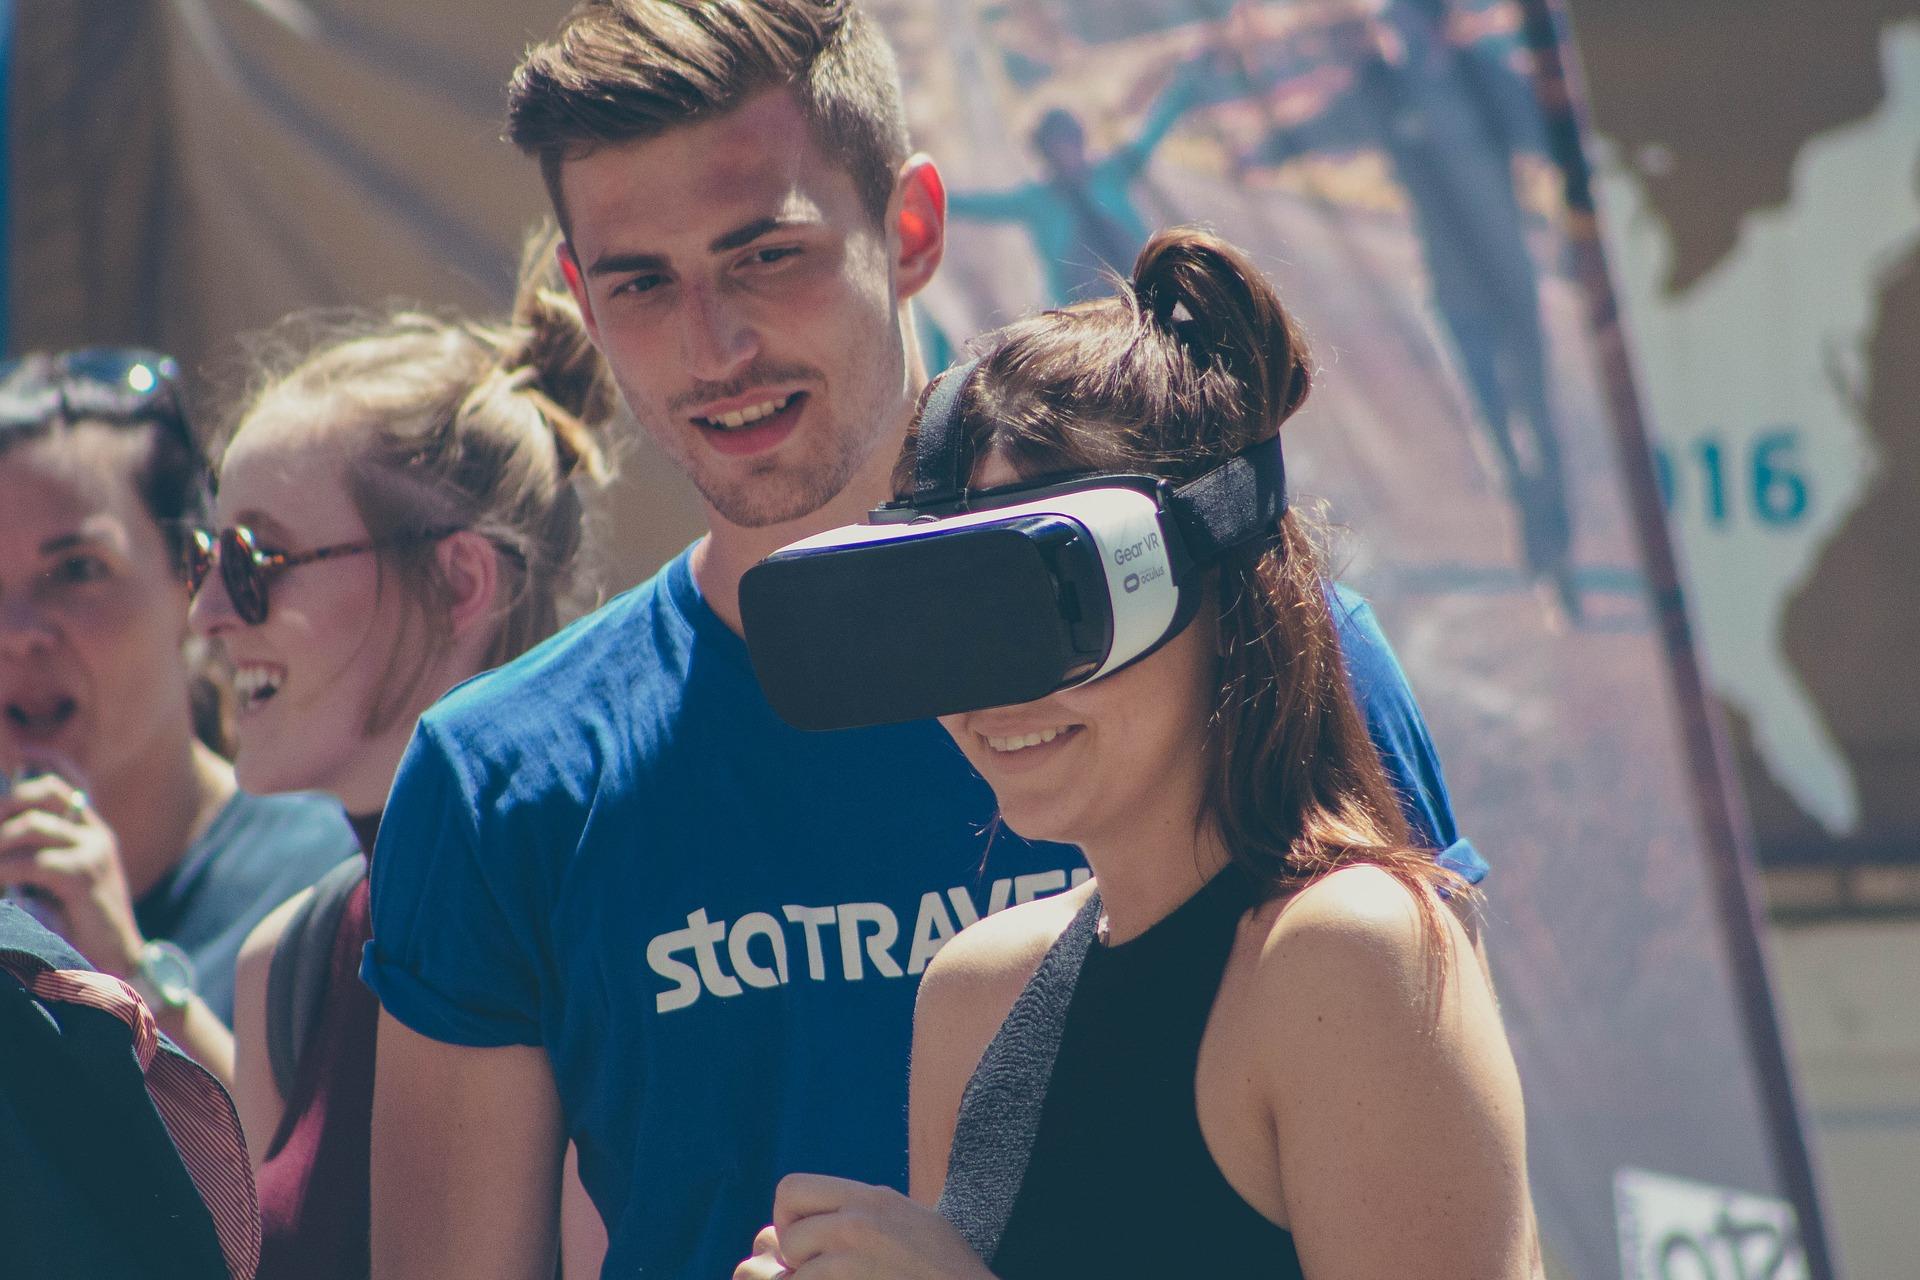 Фонд «Системы» вложил $2,5 млн в научно-образовательный проект с применением VR-технологий